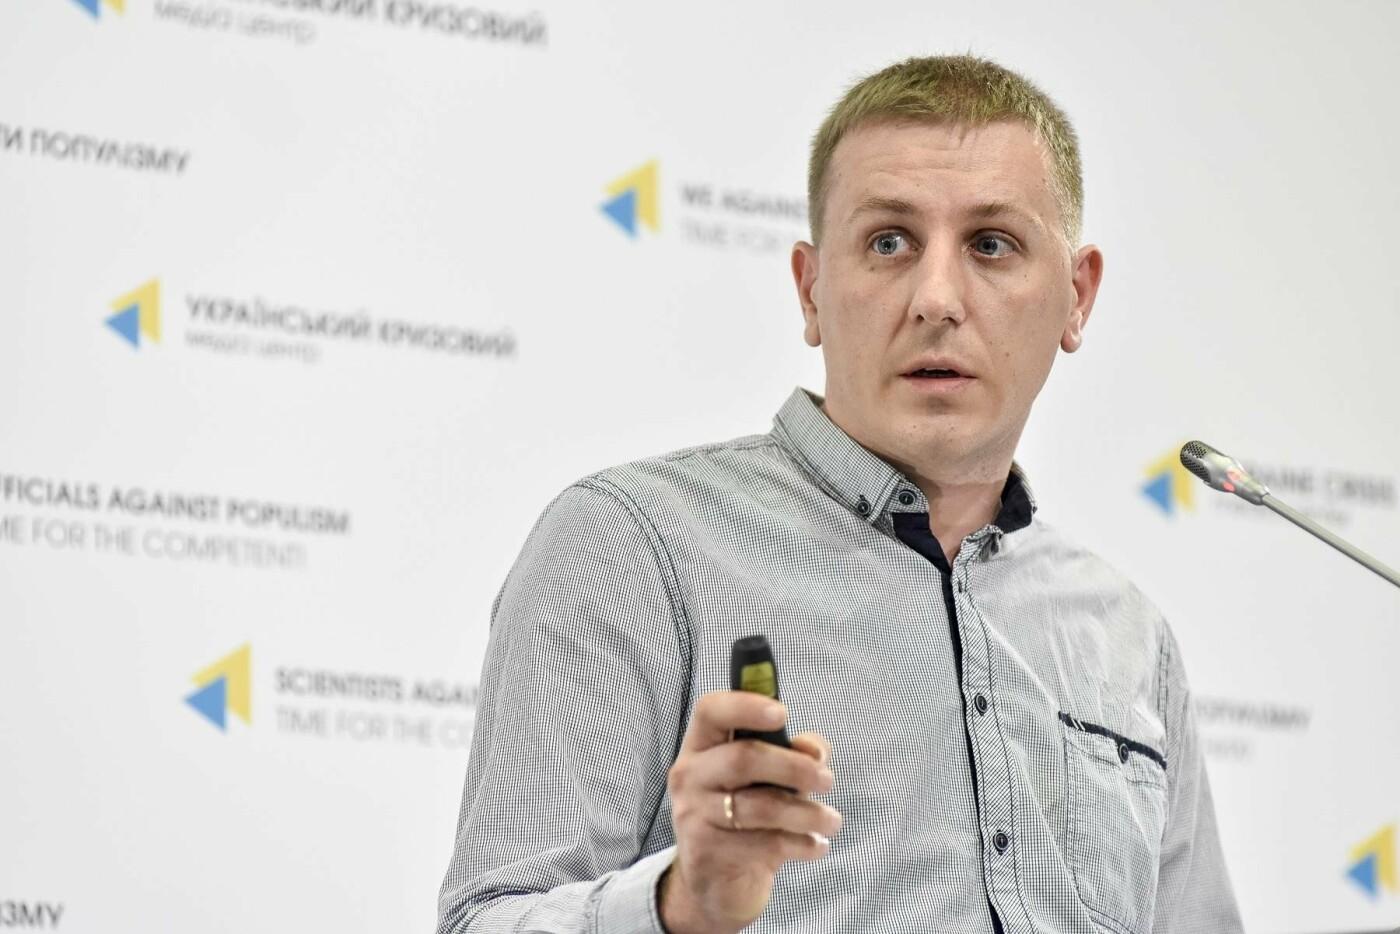 Більшість інтернет-ресурсів органів місцевого самоврядування у Хмельницькій обл. не містять жодної інформації про пільги для учасників АТО..., фото-1